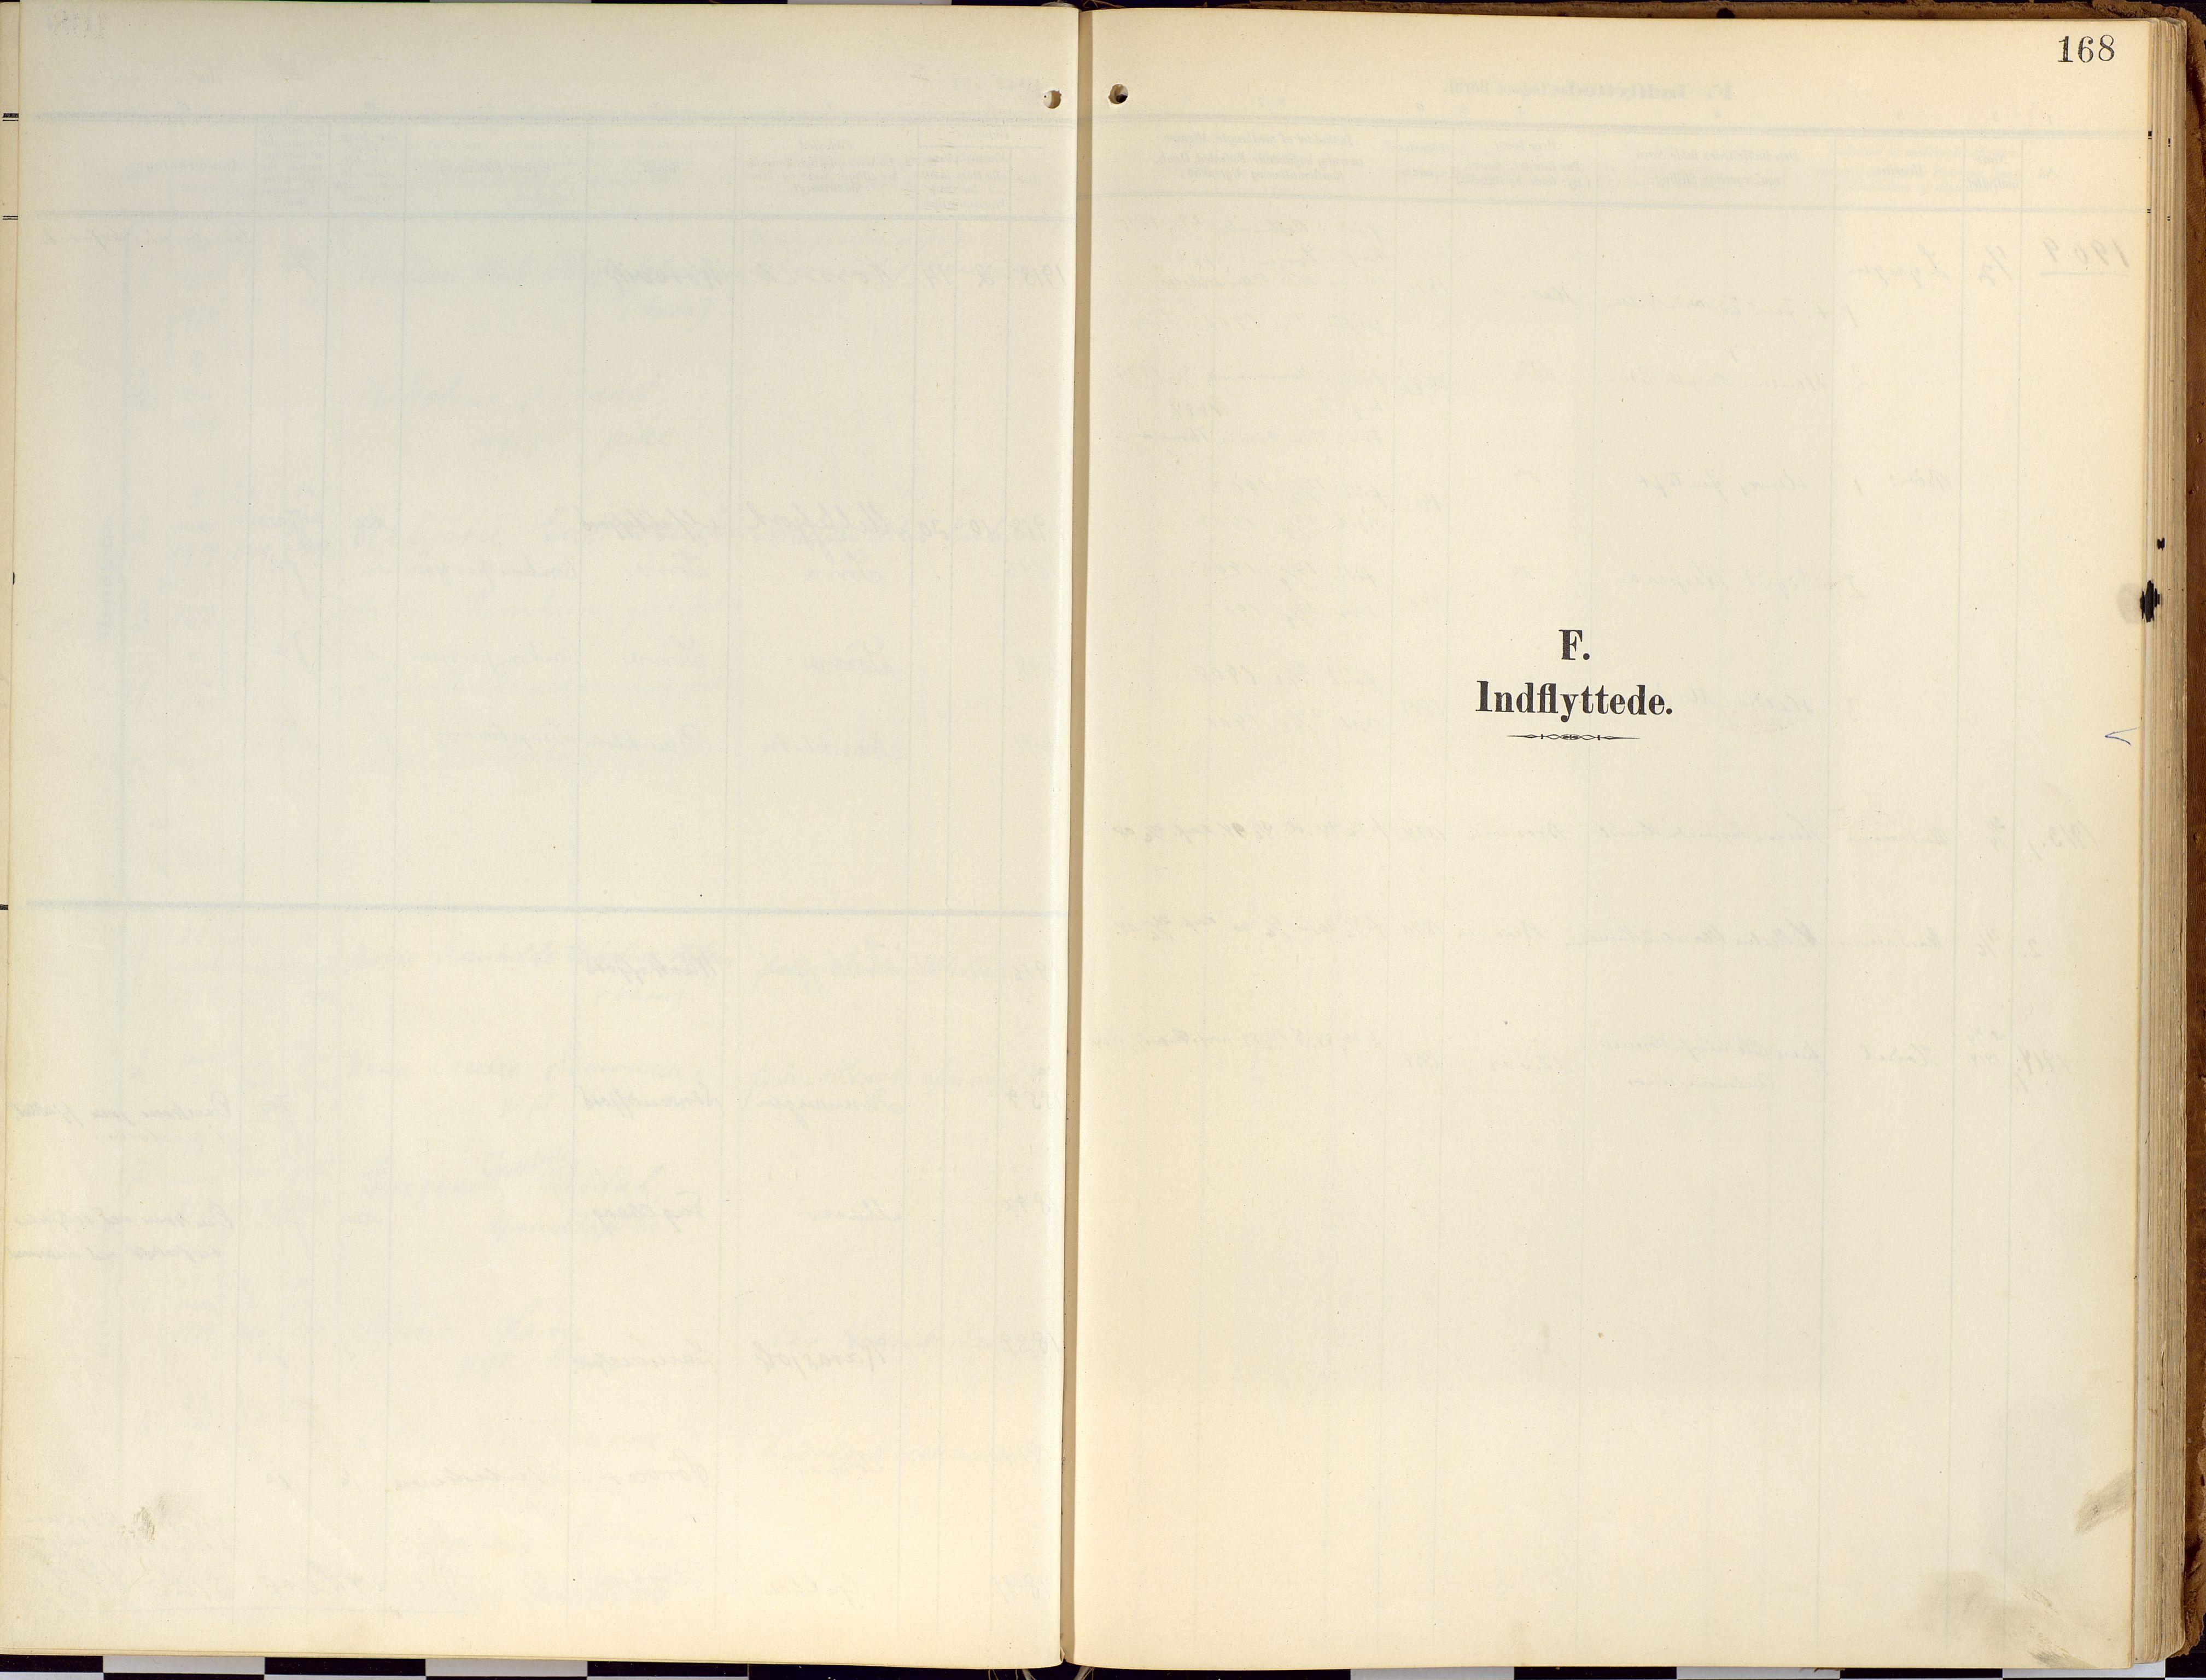 SATØ, Loppa sokneprestkontor, H/Ha/L0010kirke: Ministerialbok nr. 10, 1907-1922, s. 168